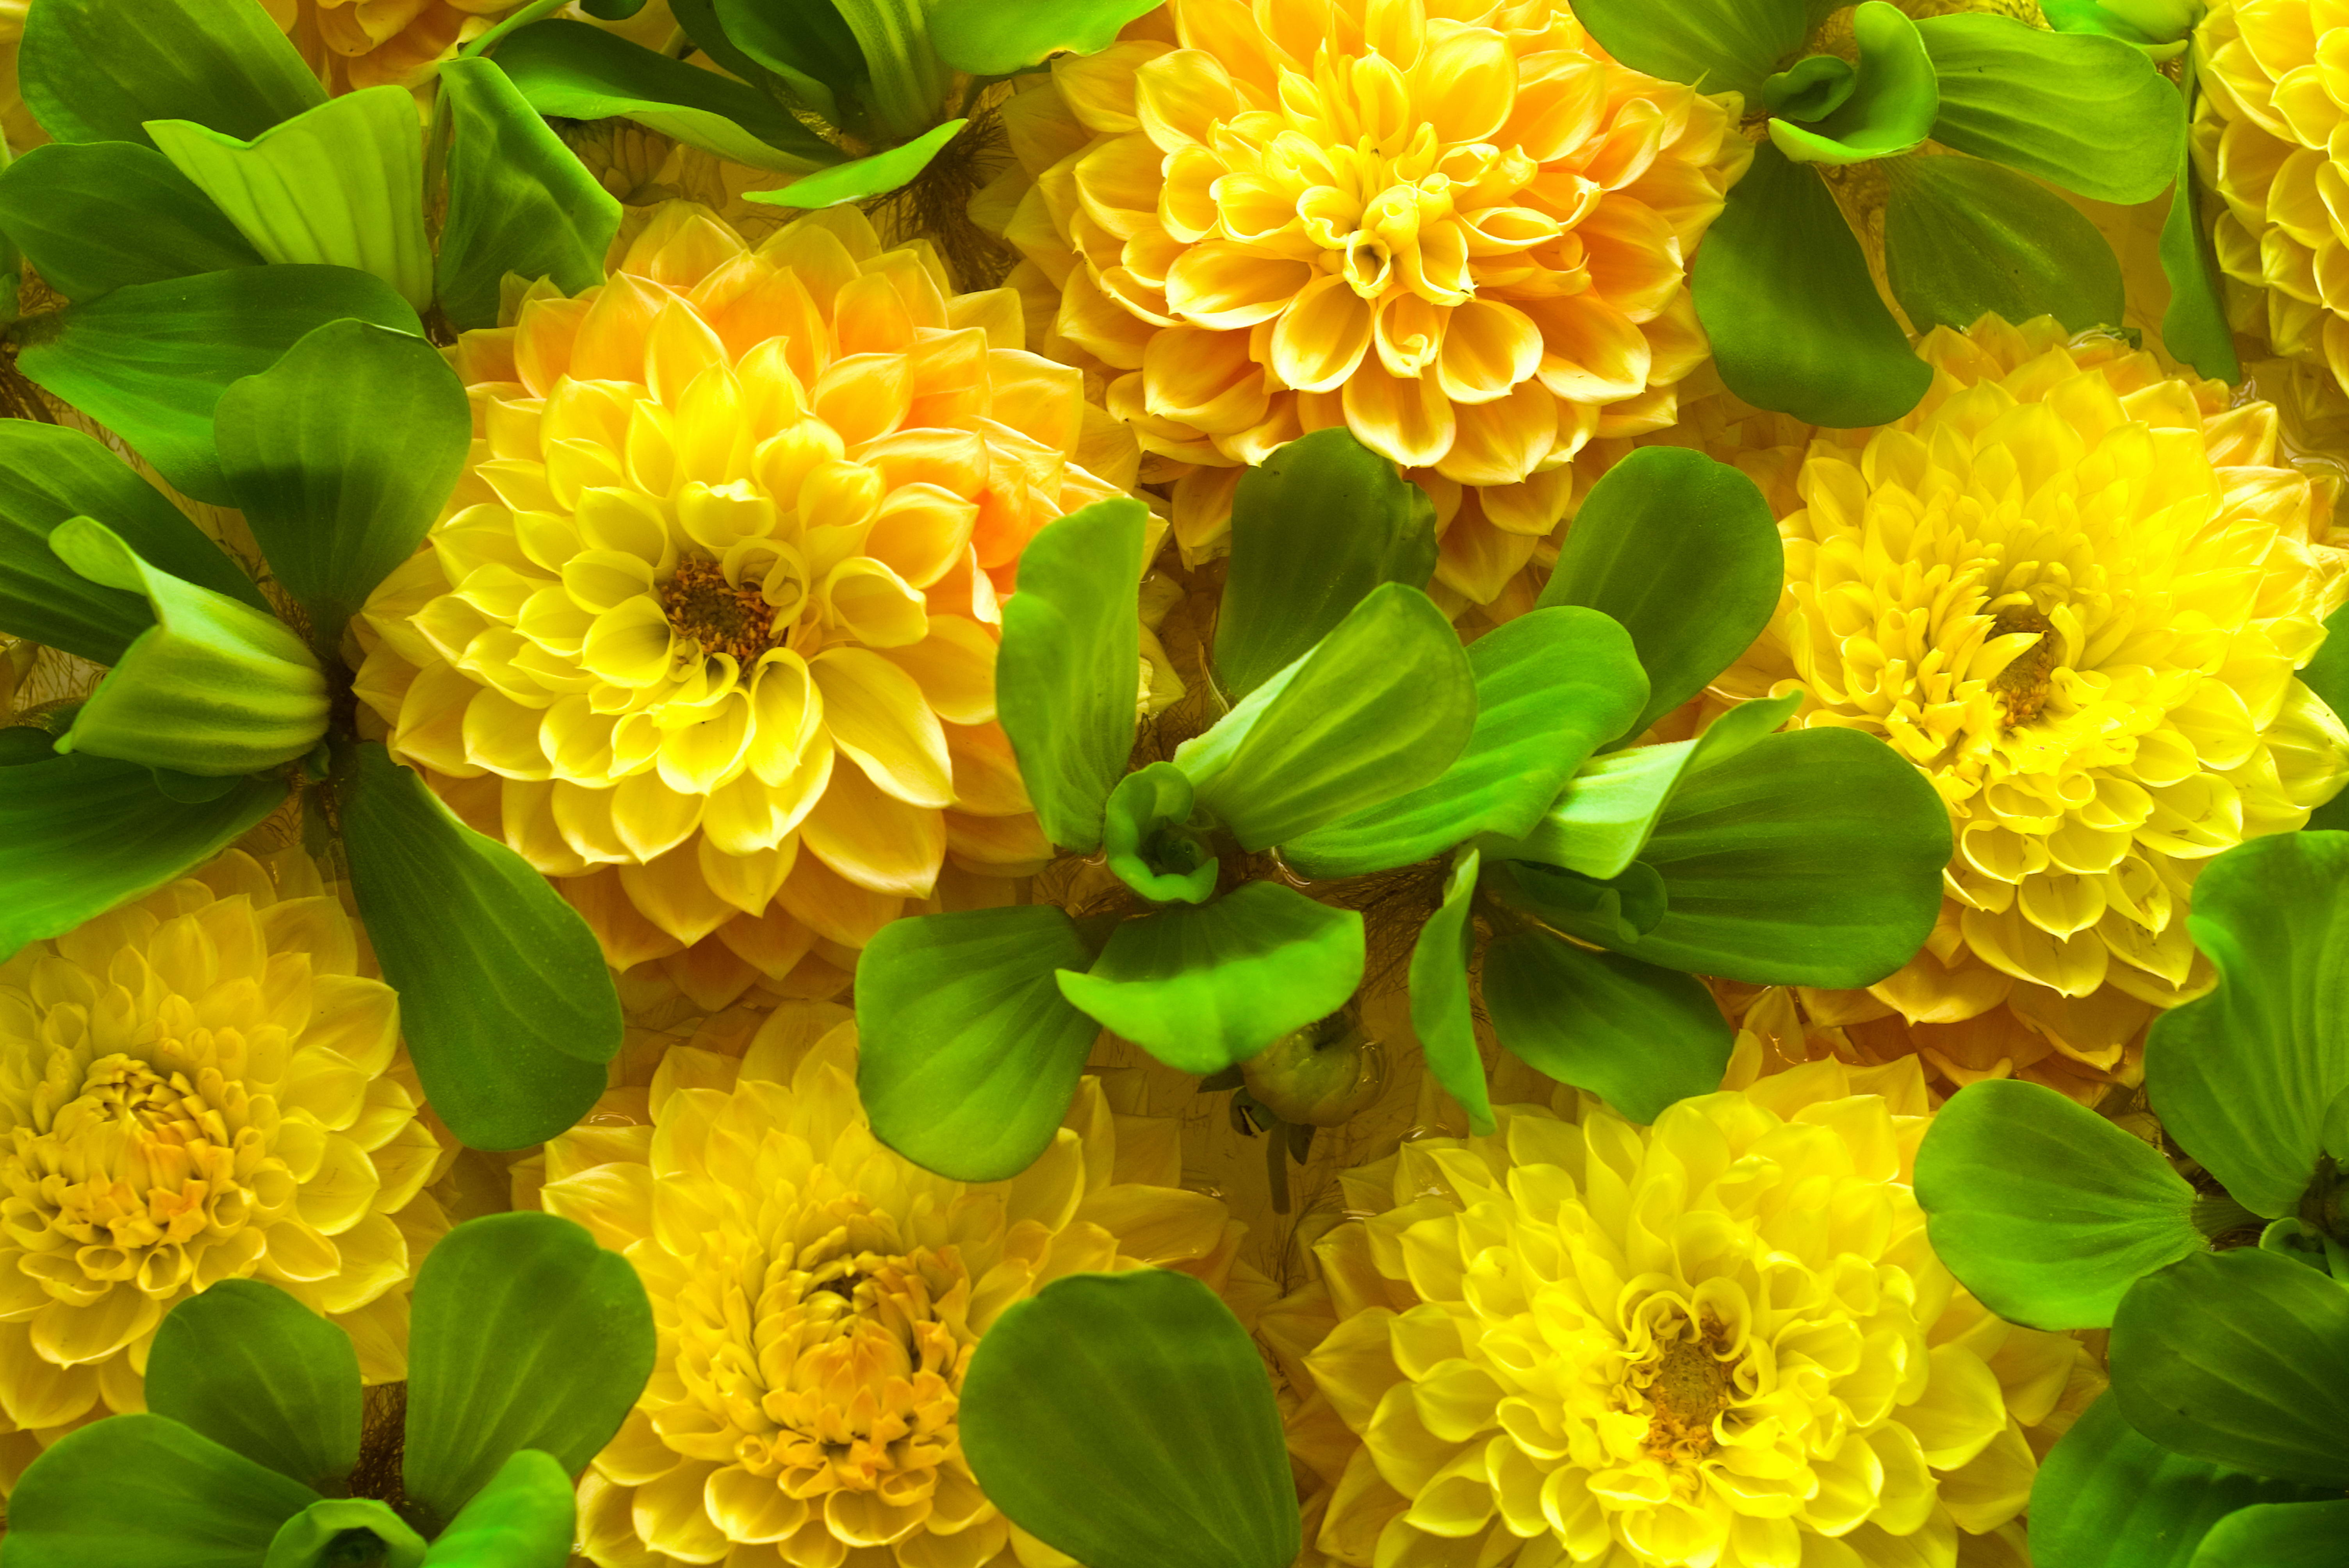 цветок желтый flower yellow  № 1246599 без смс